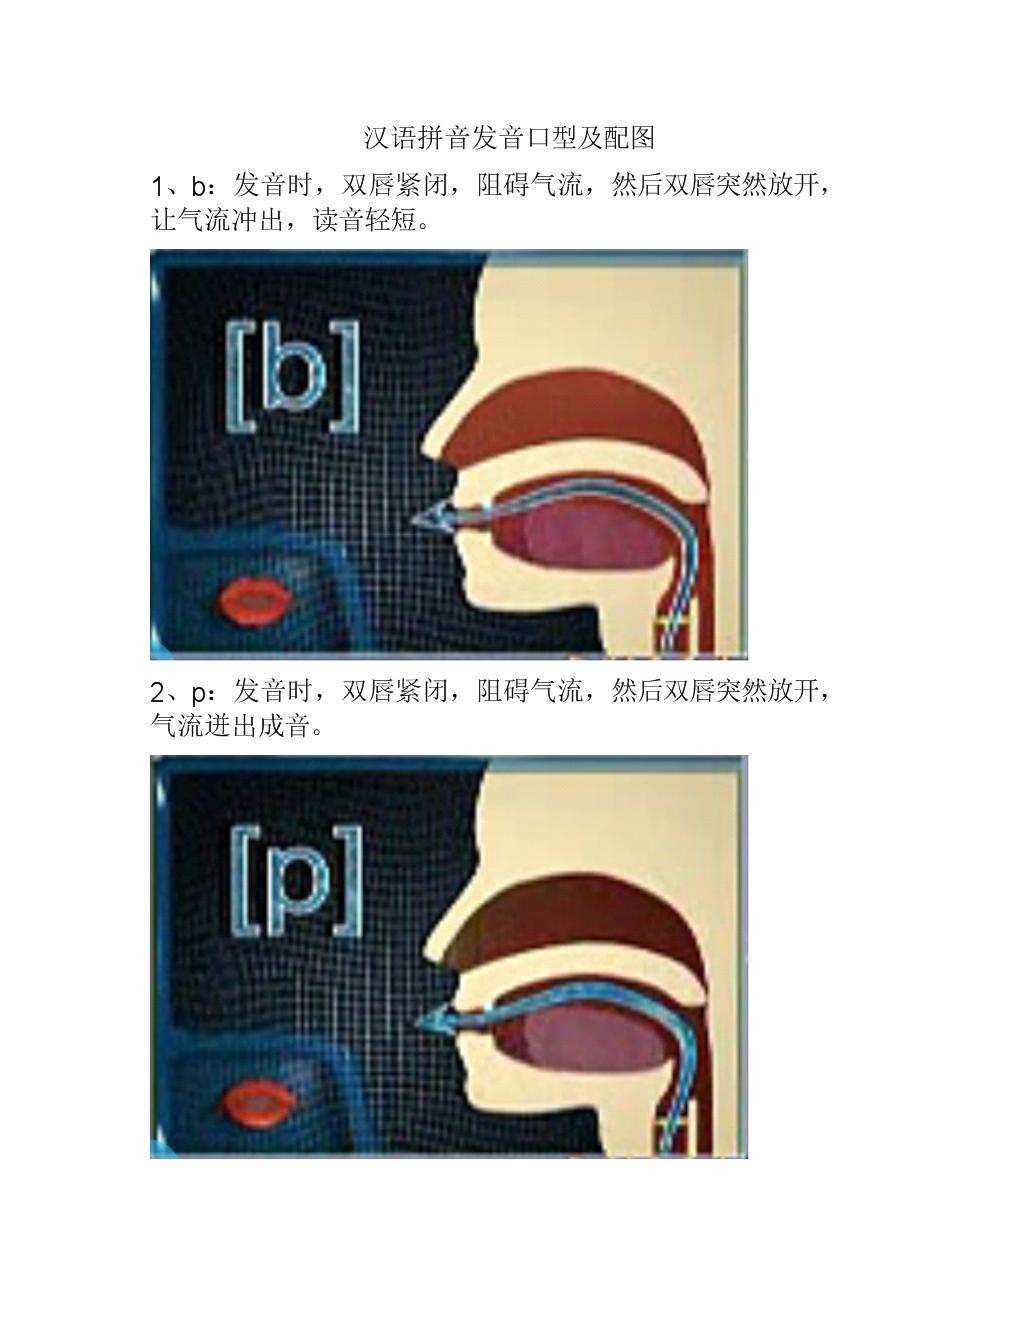 汉语拼音发音口型及配图2hrferlb.doc